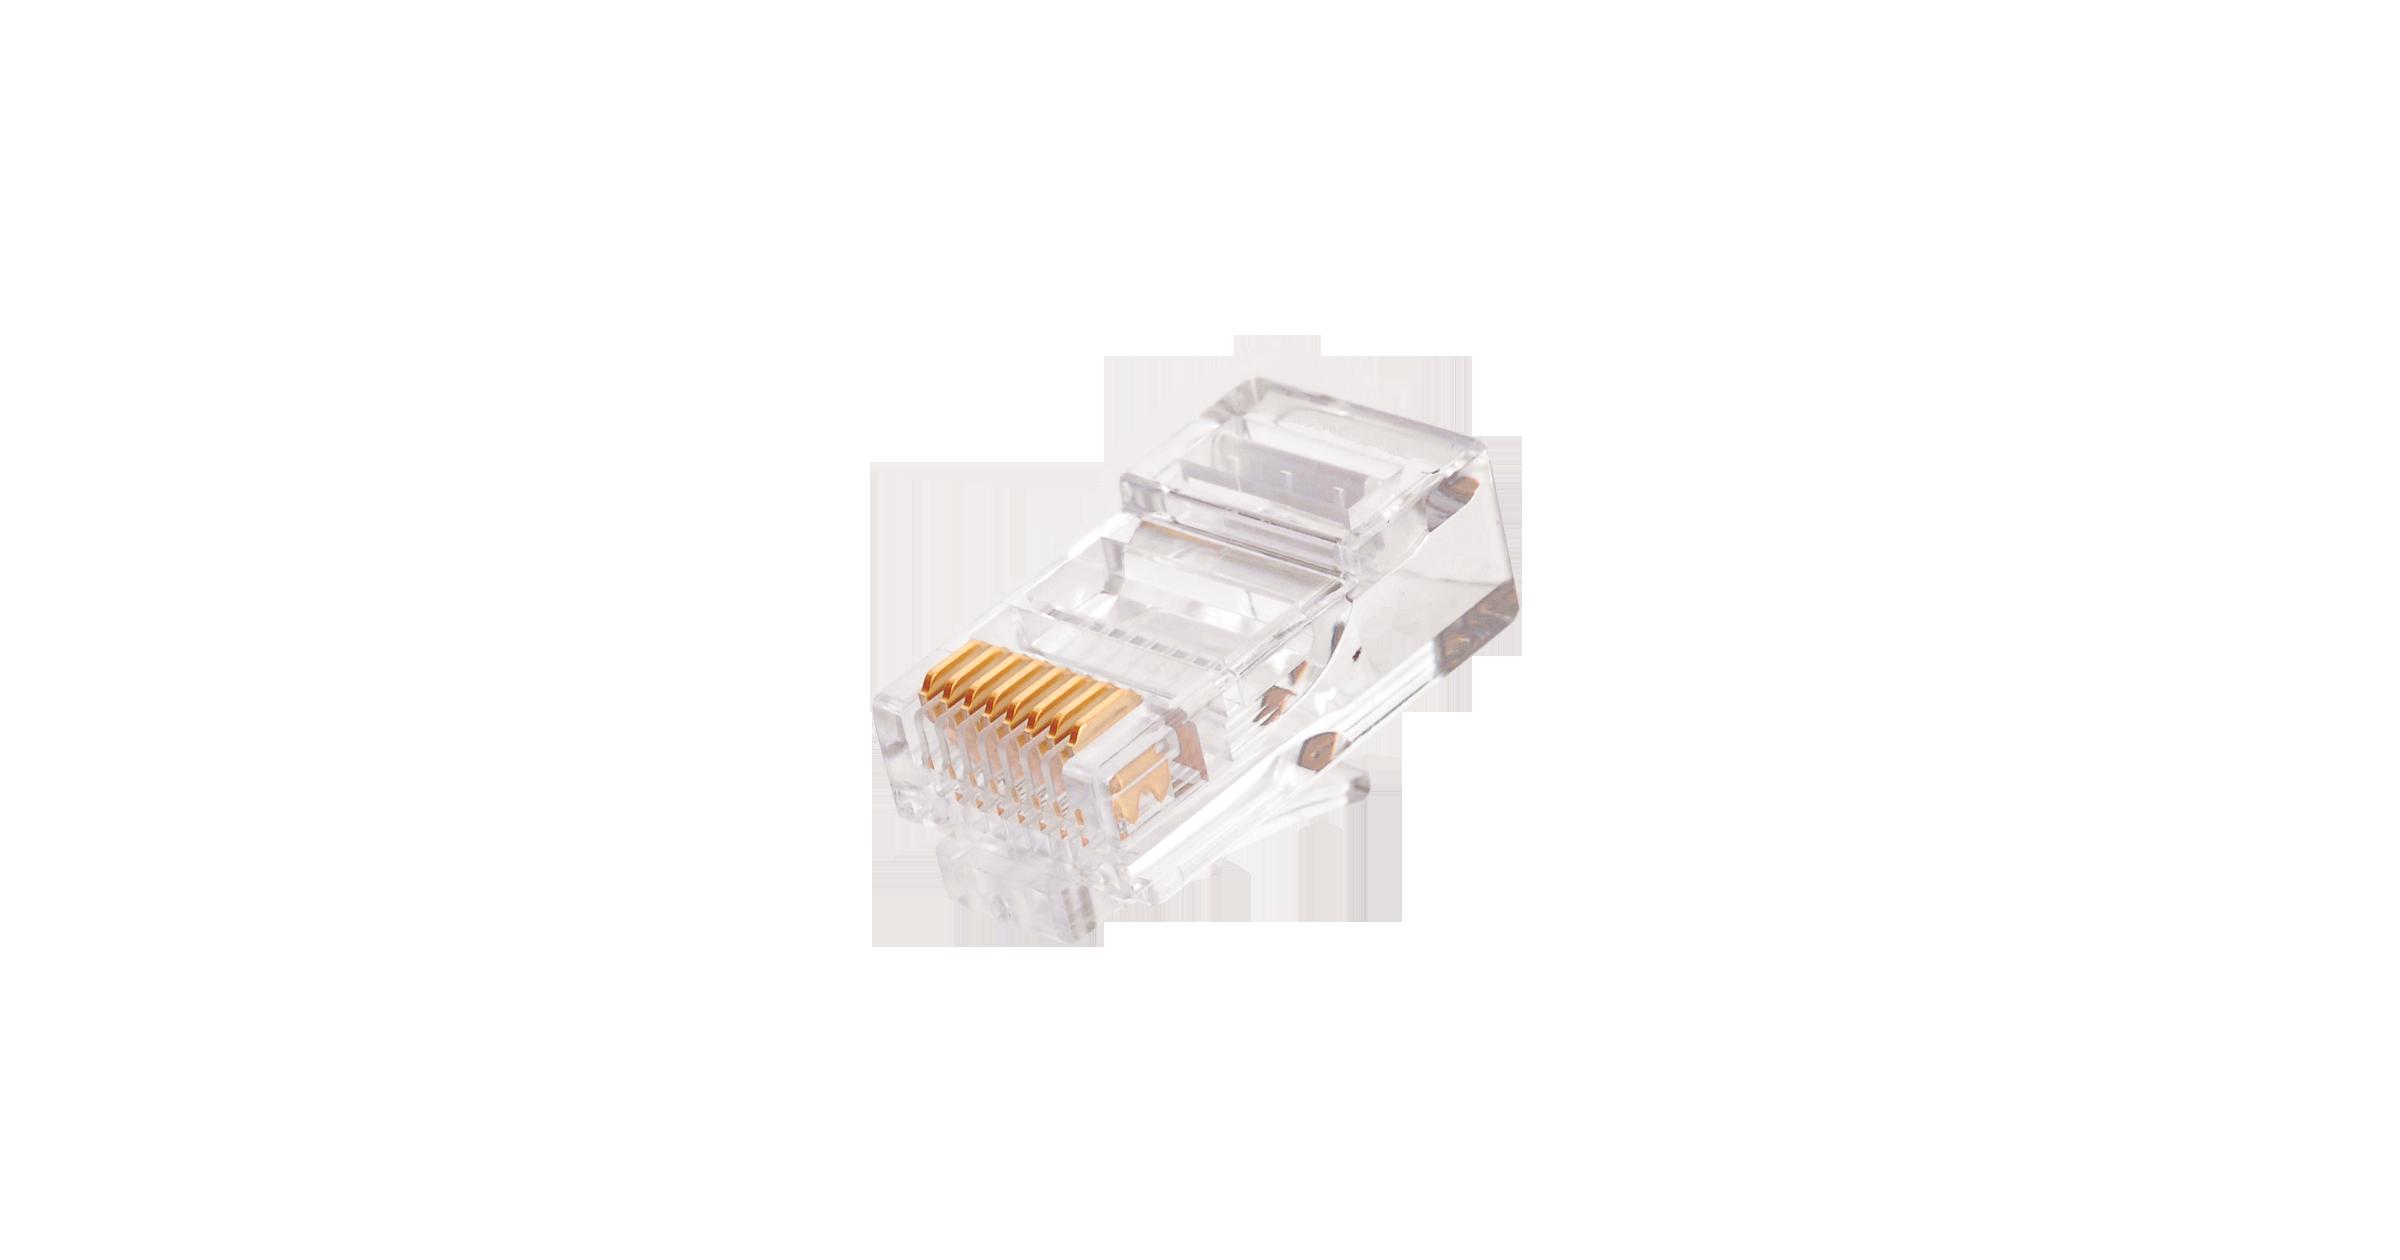 Коннектор NIKOMAX RJ45/8P8C под витую пару, Кат.5e (Класс D), 100МГц, покрытие 50мкд, под многожильный кабель, неэкранированный, уп-ка 100шт.